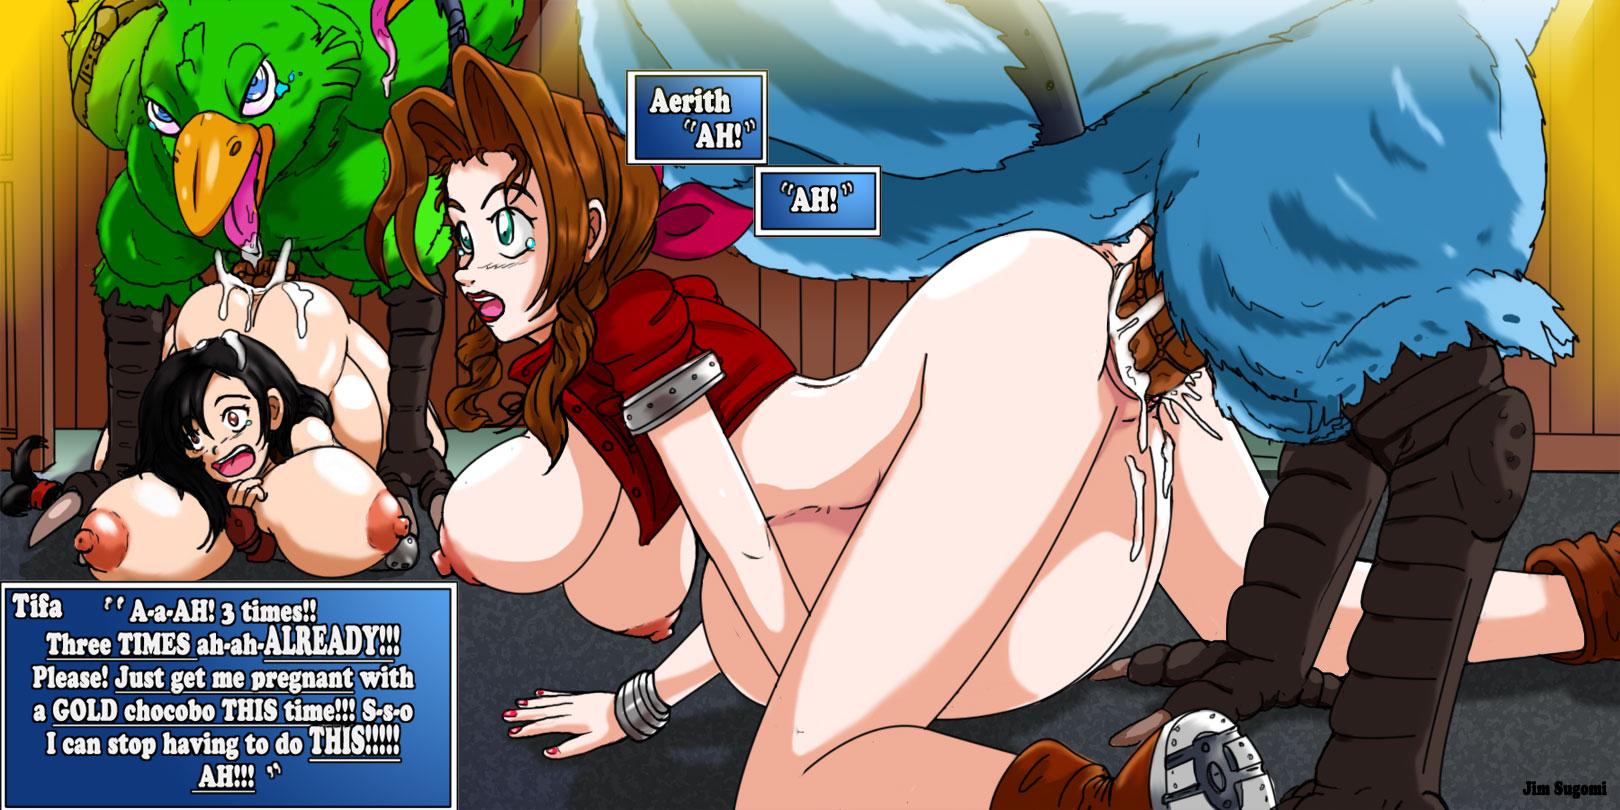 Giamaicana porno anale